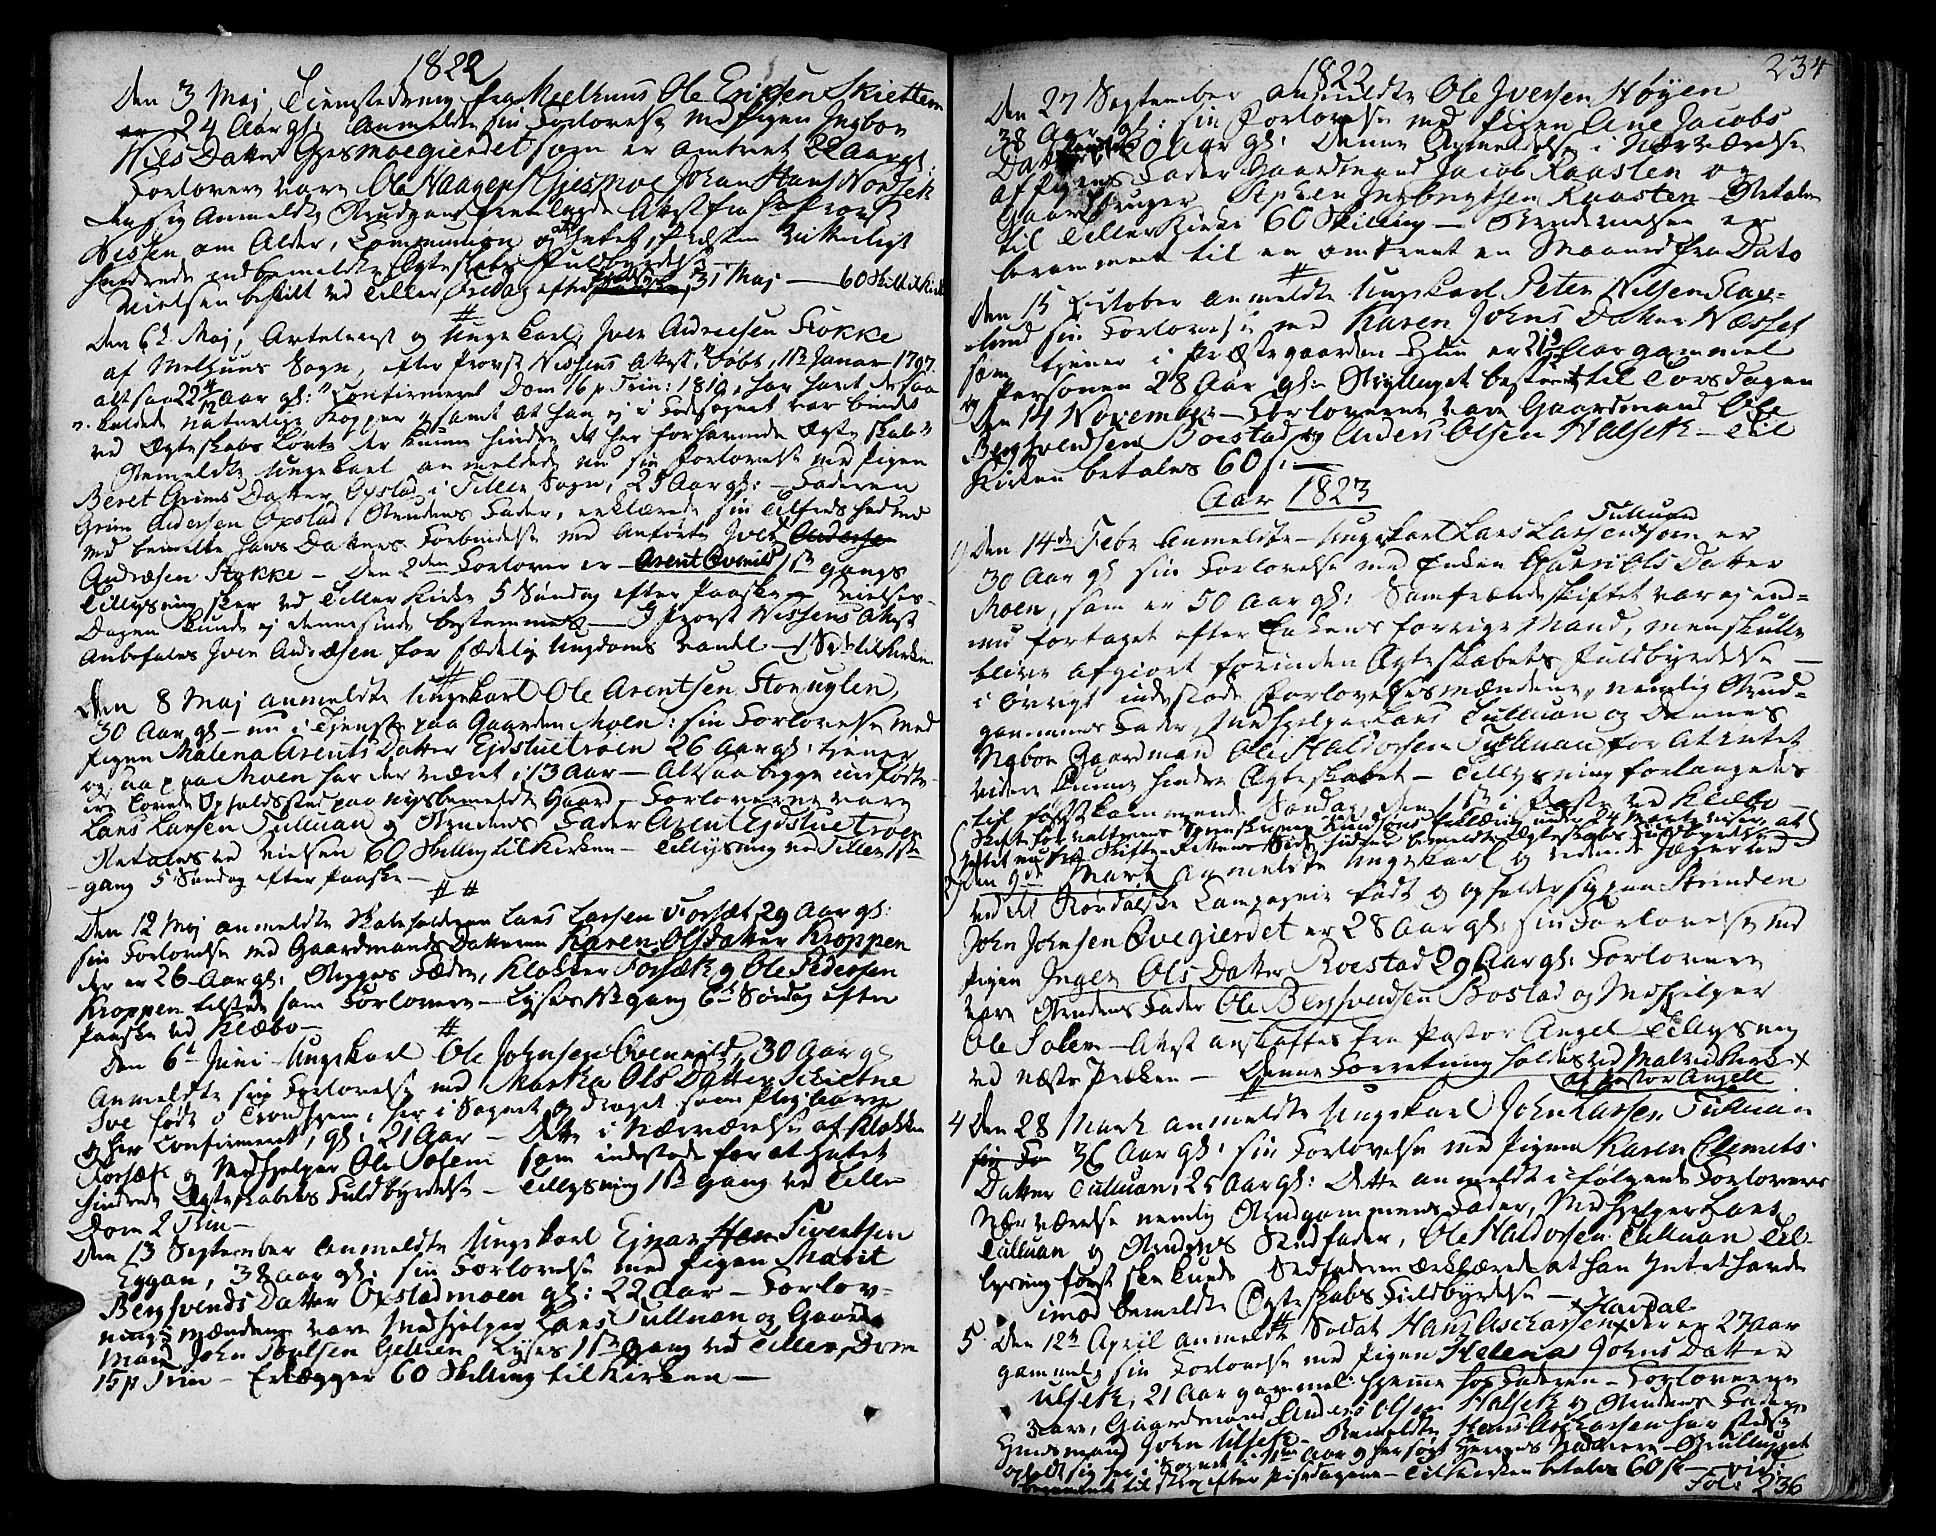 SAT, Ministerialprotokoller, klokkerbøker og fødselsregistre - Sør-Trøndelag, 618/L0438: Ministerialbok nr. 618A03, 1783-1815, s. 234